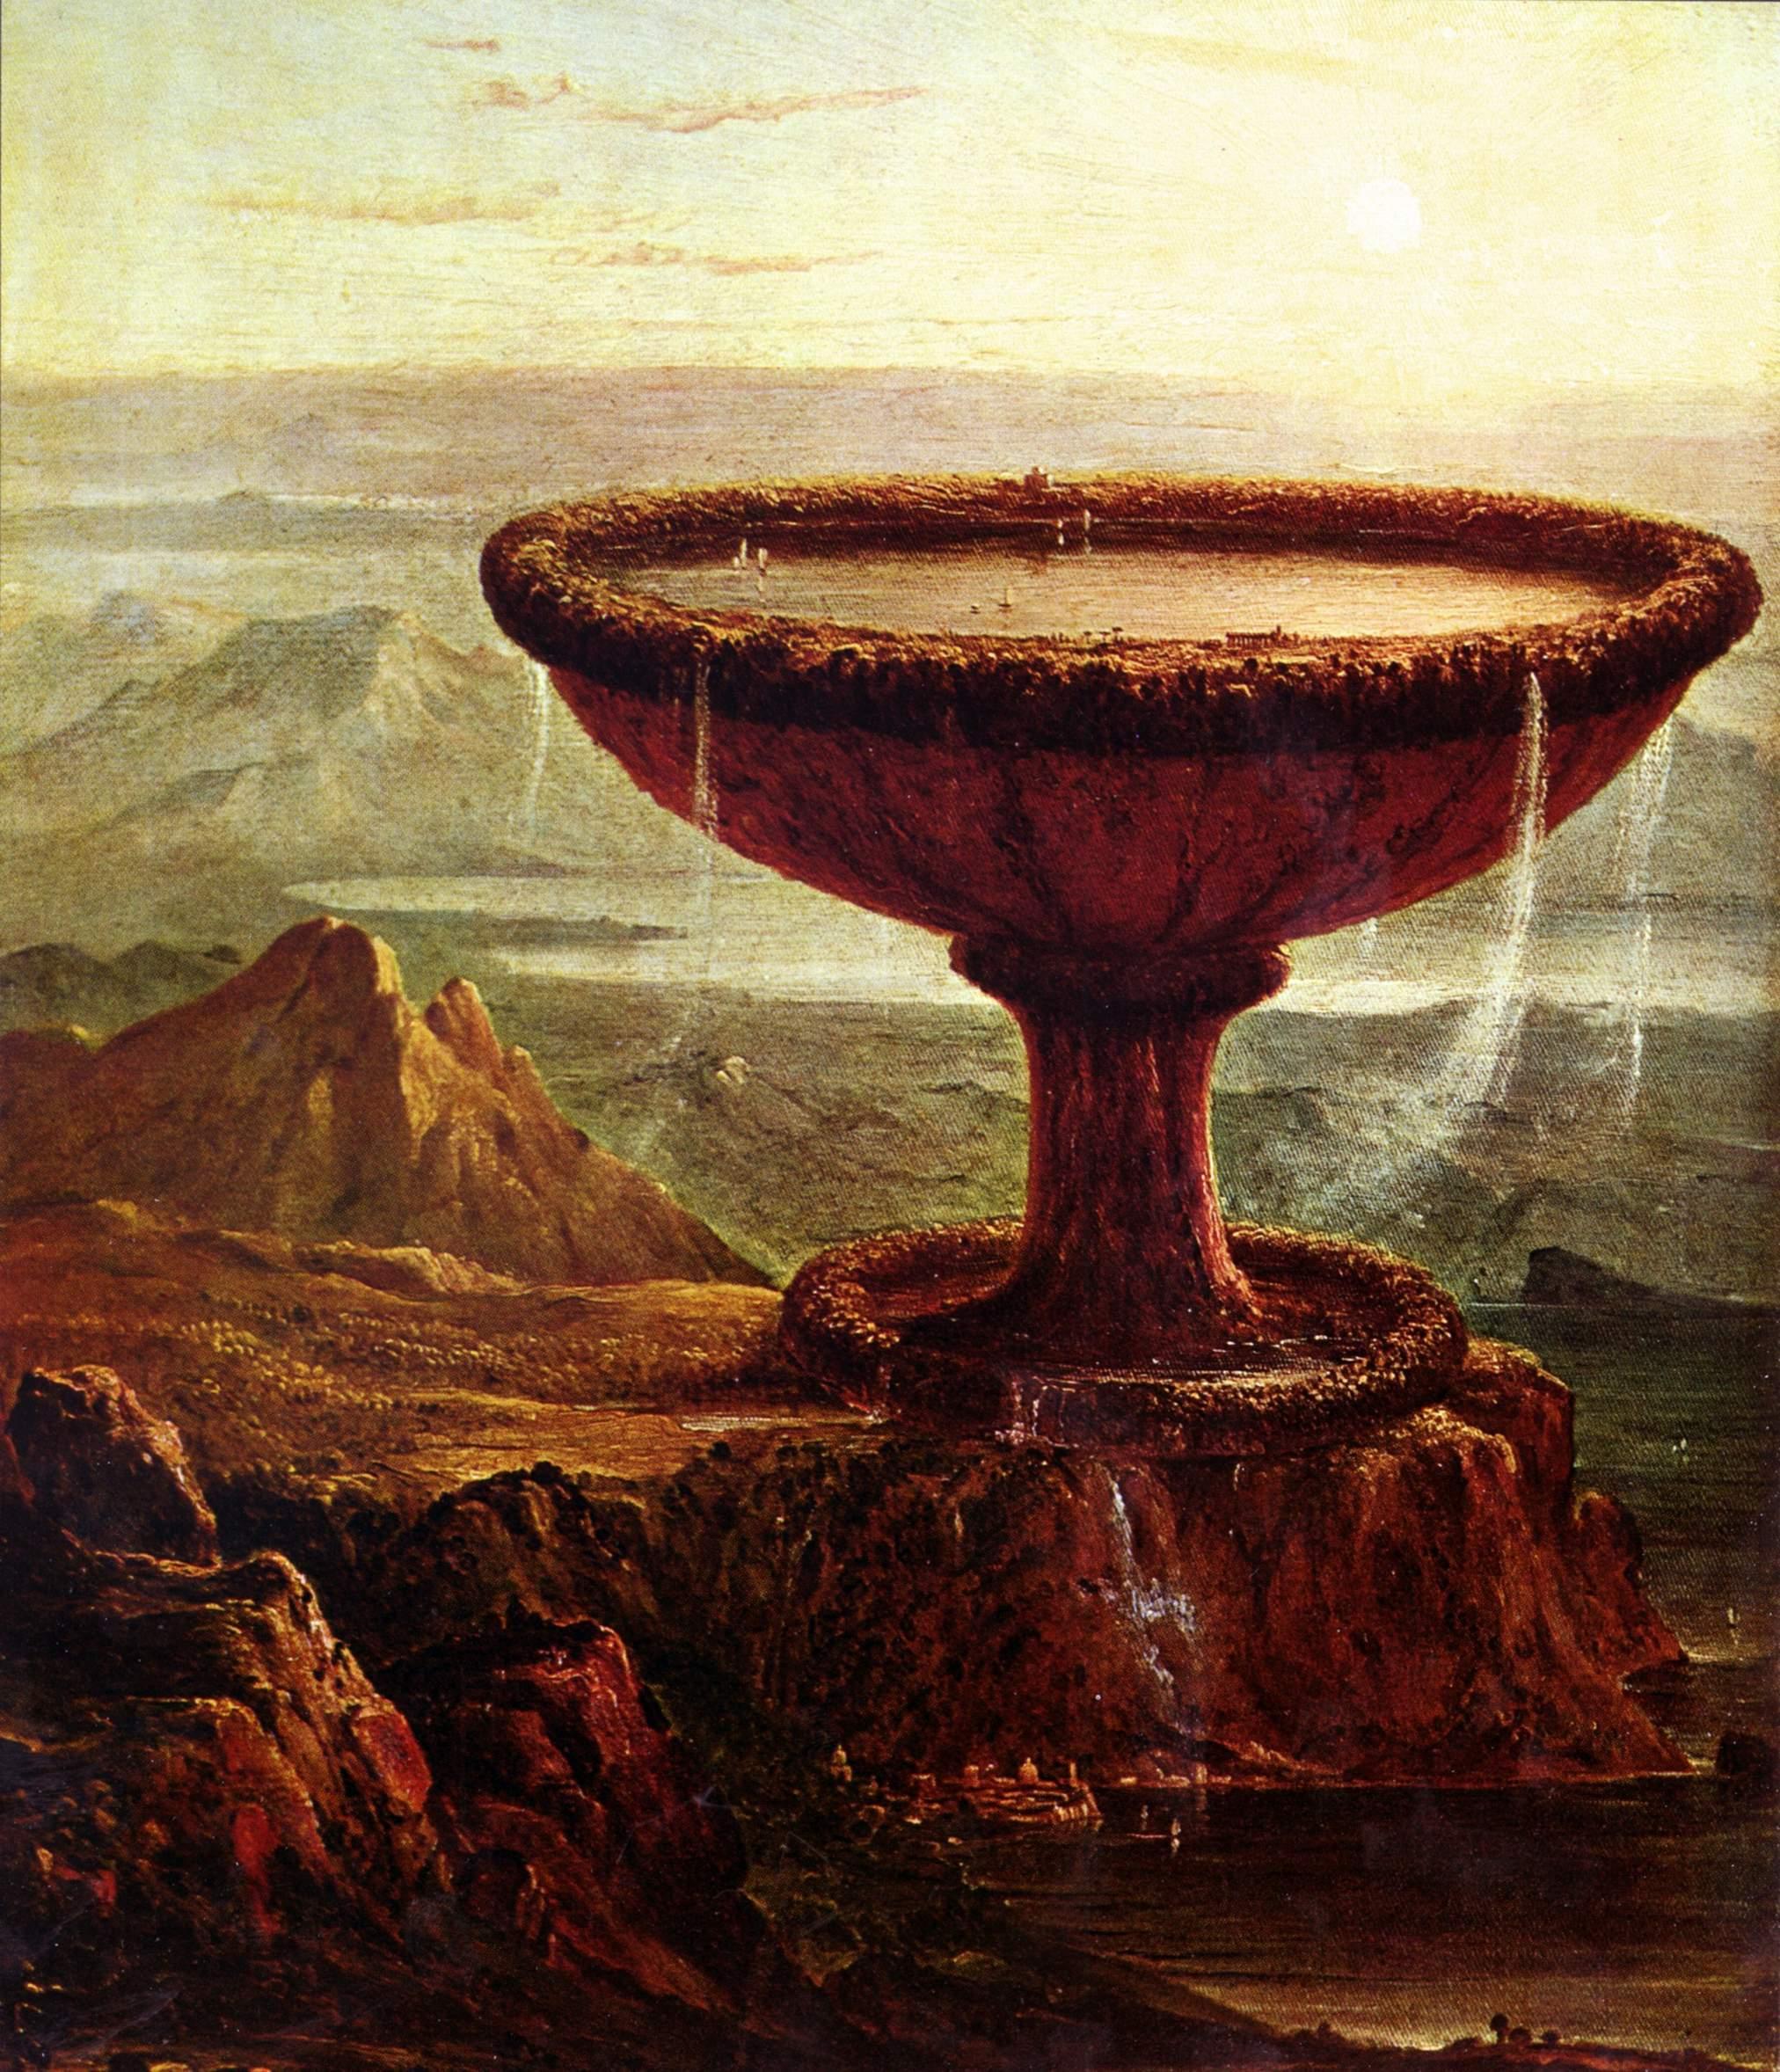 the-titan-s-goblet-1833_Thomas-Cole